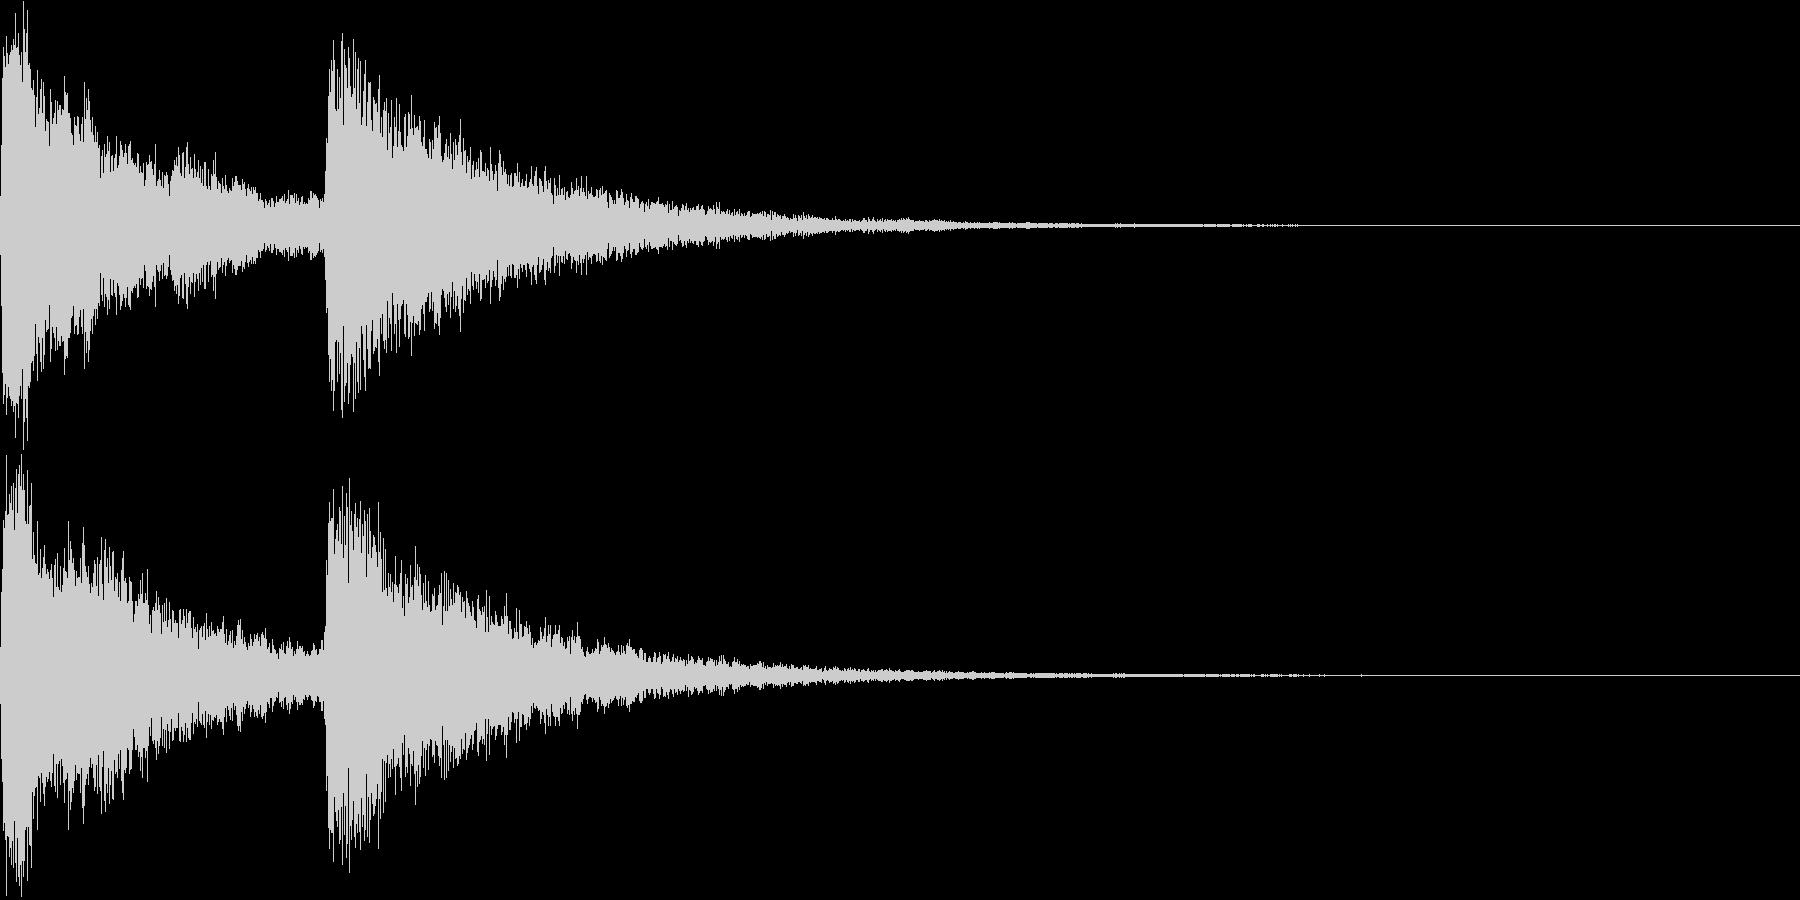 場面転換のキラキラチャイム Aの未再生の波形